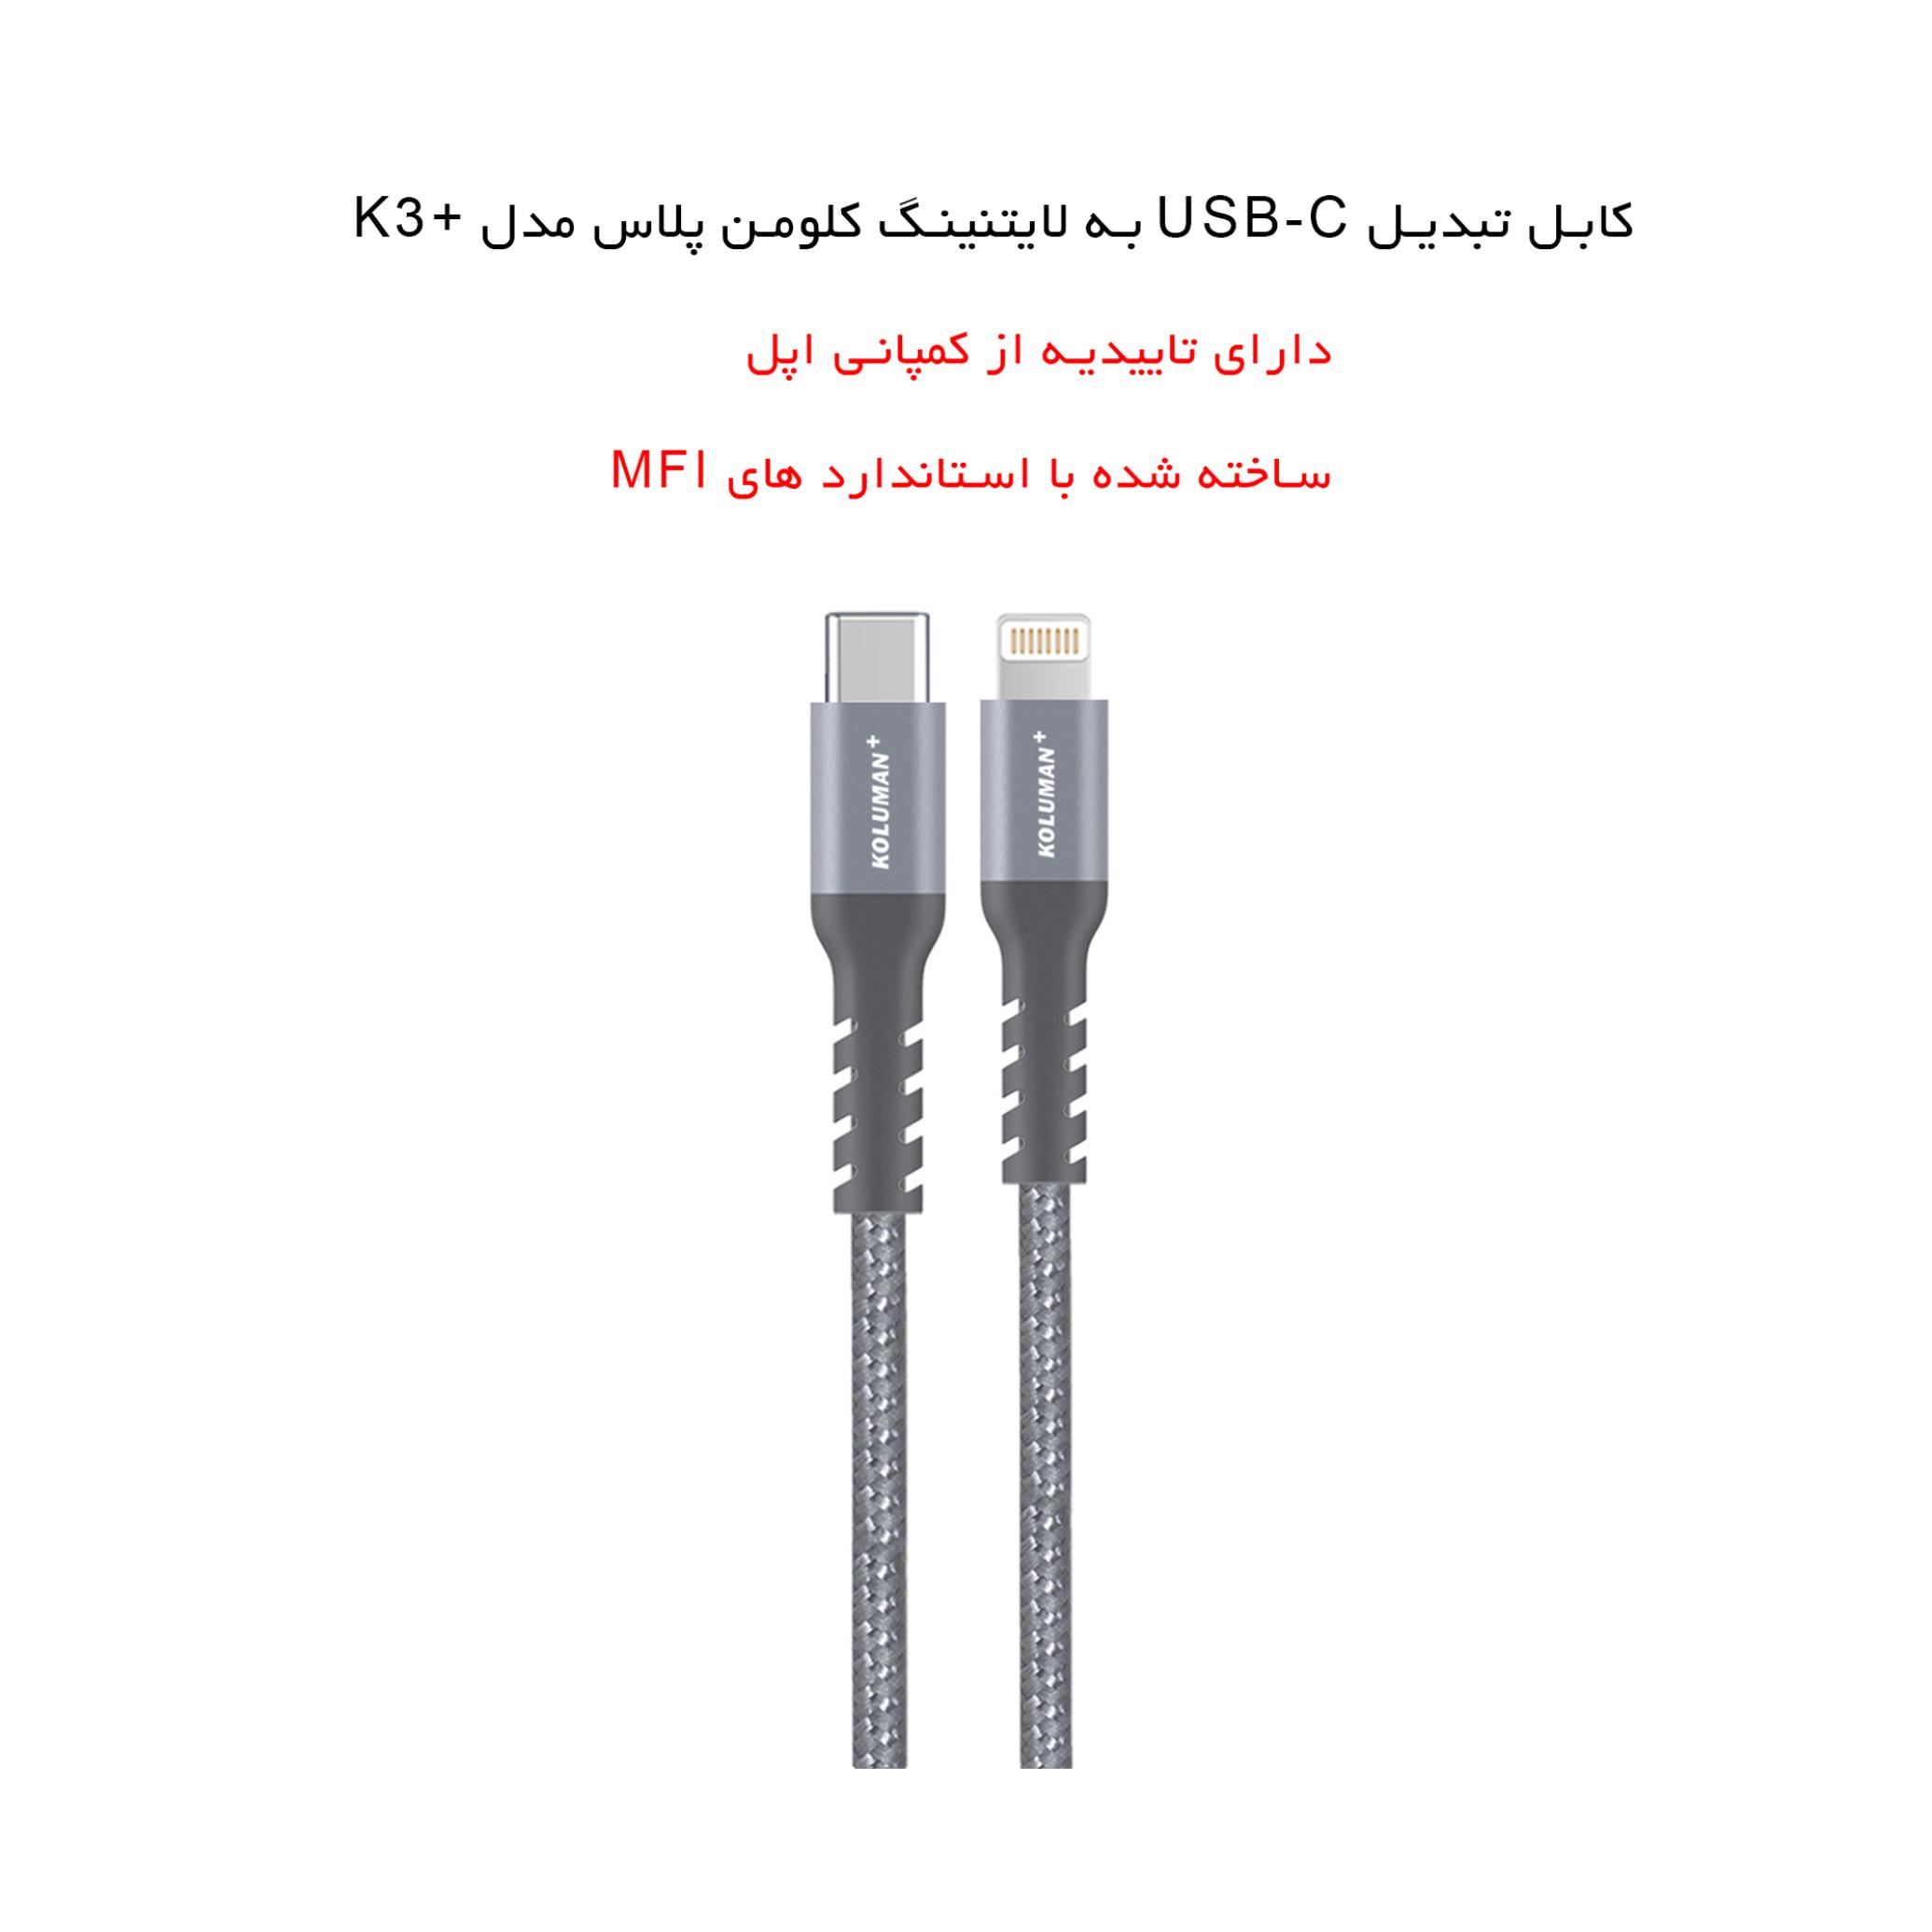 کابل تبدیل USB-C به لایتنینگ کلومن پلاس مدل +K3